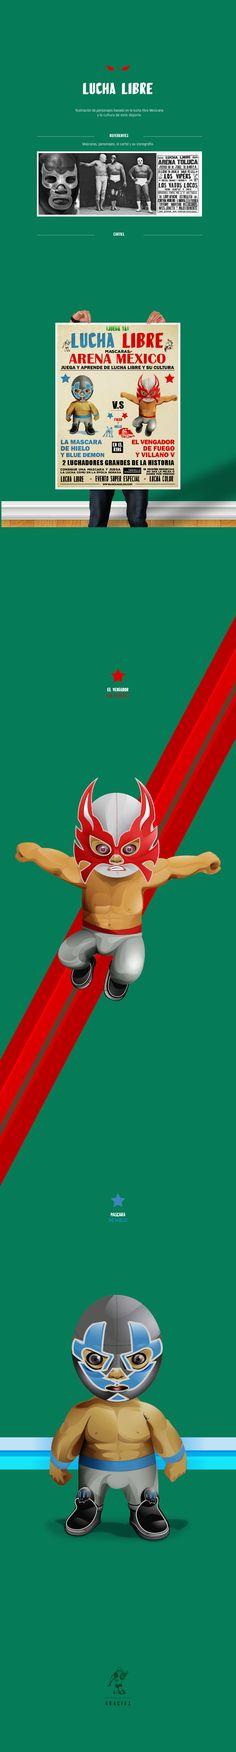 Ilustración de personajes basado en la lucha libre Mexicana y la cultura de este deporte.